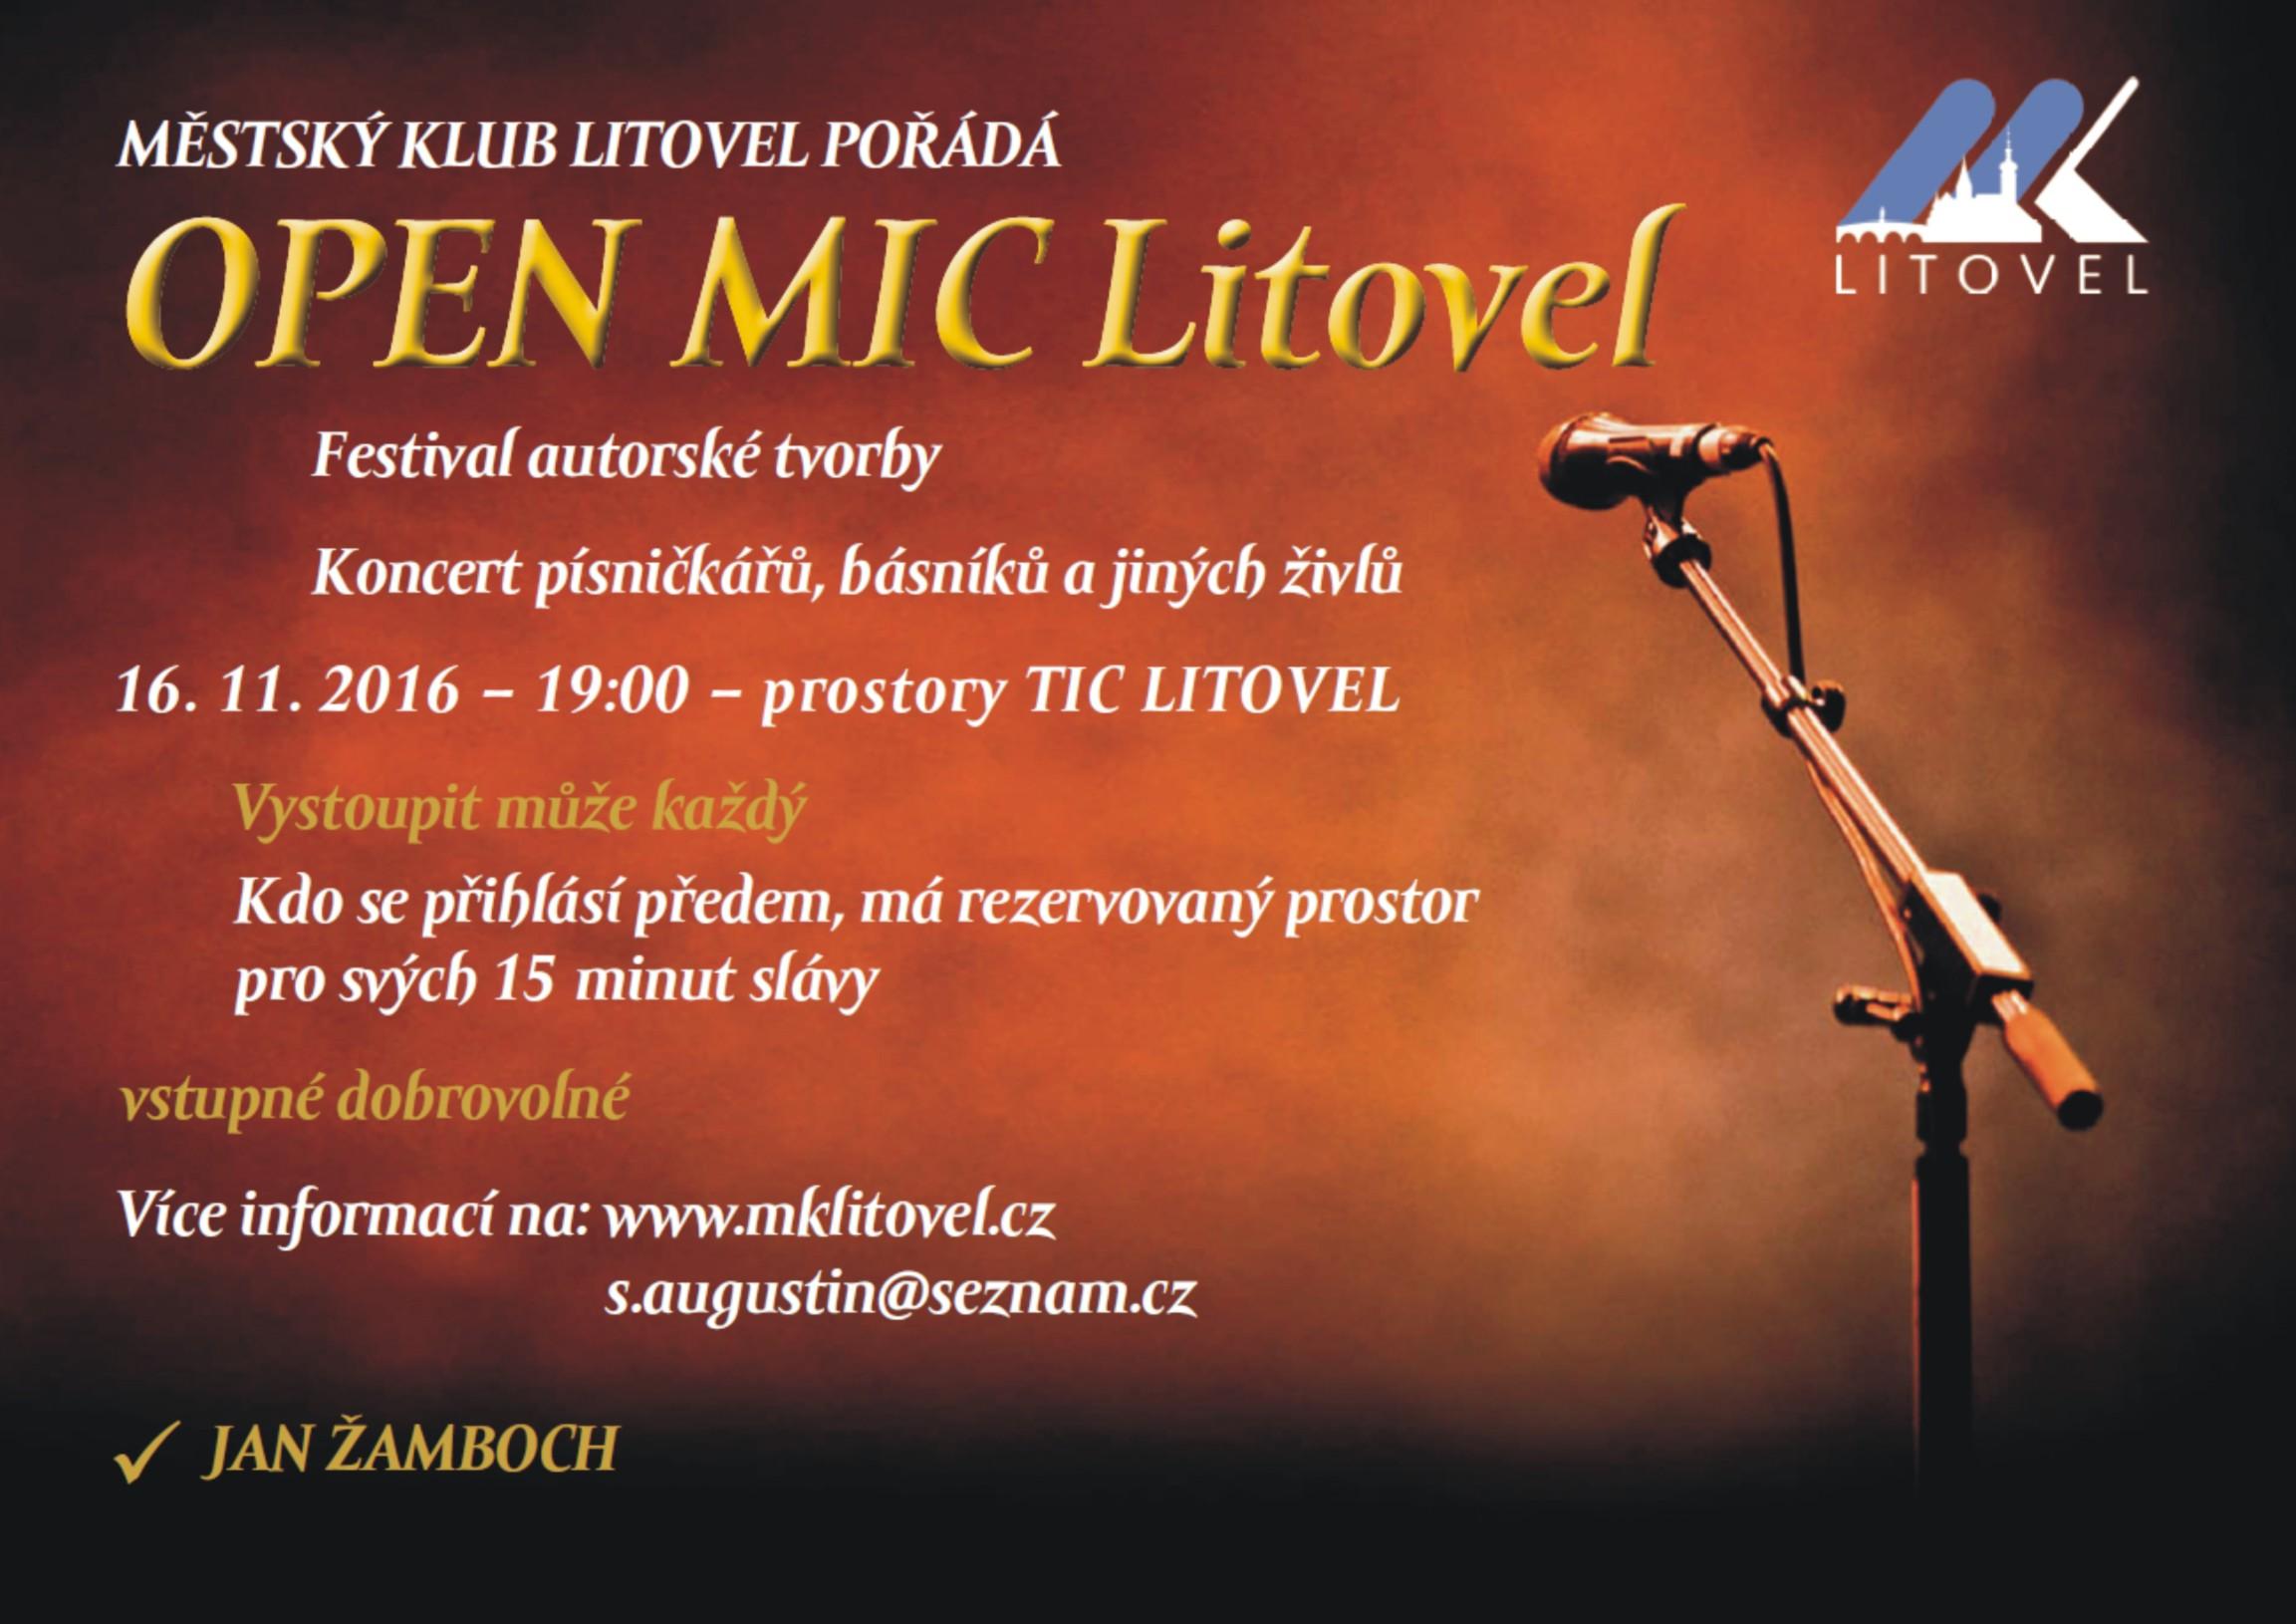 Open MIC, obrázek se otevře v novém okně